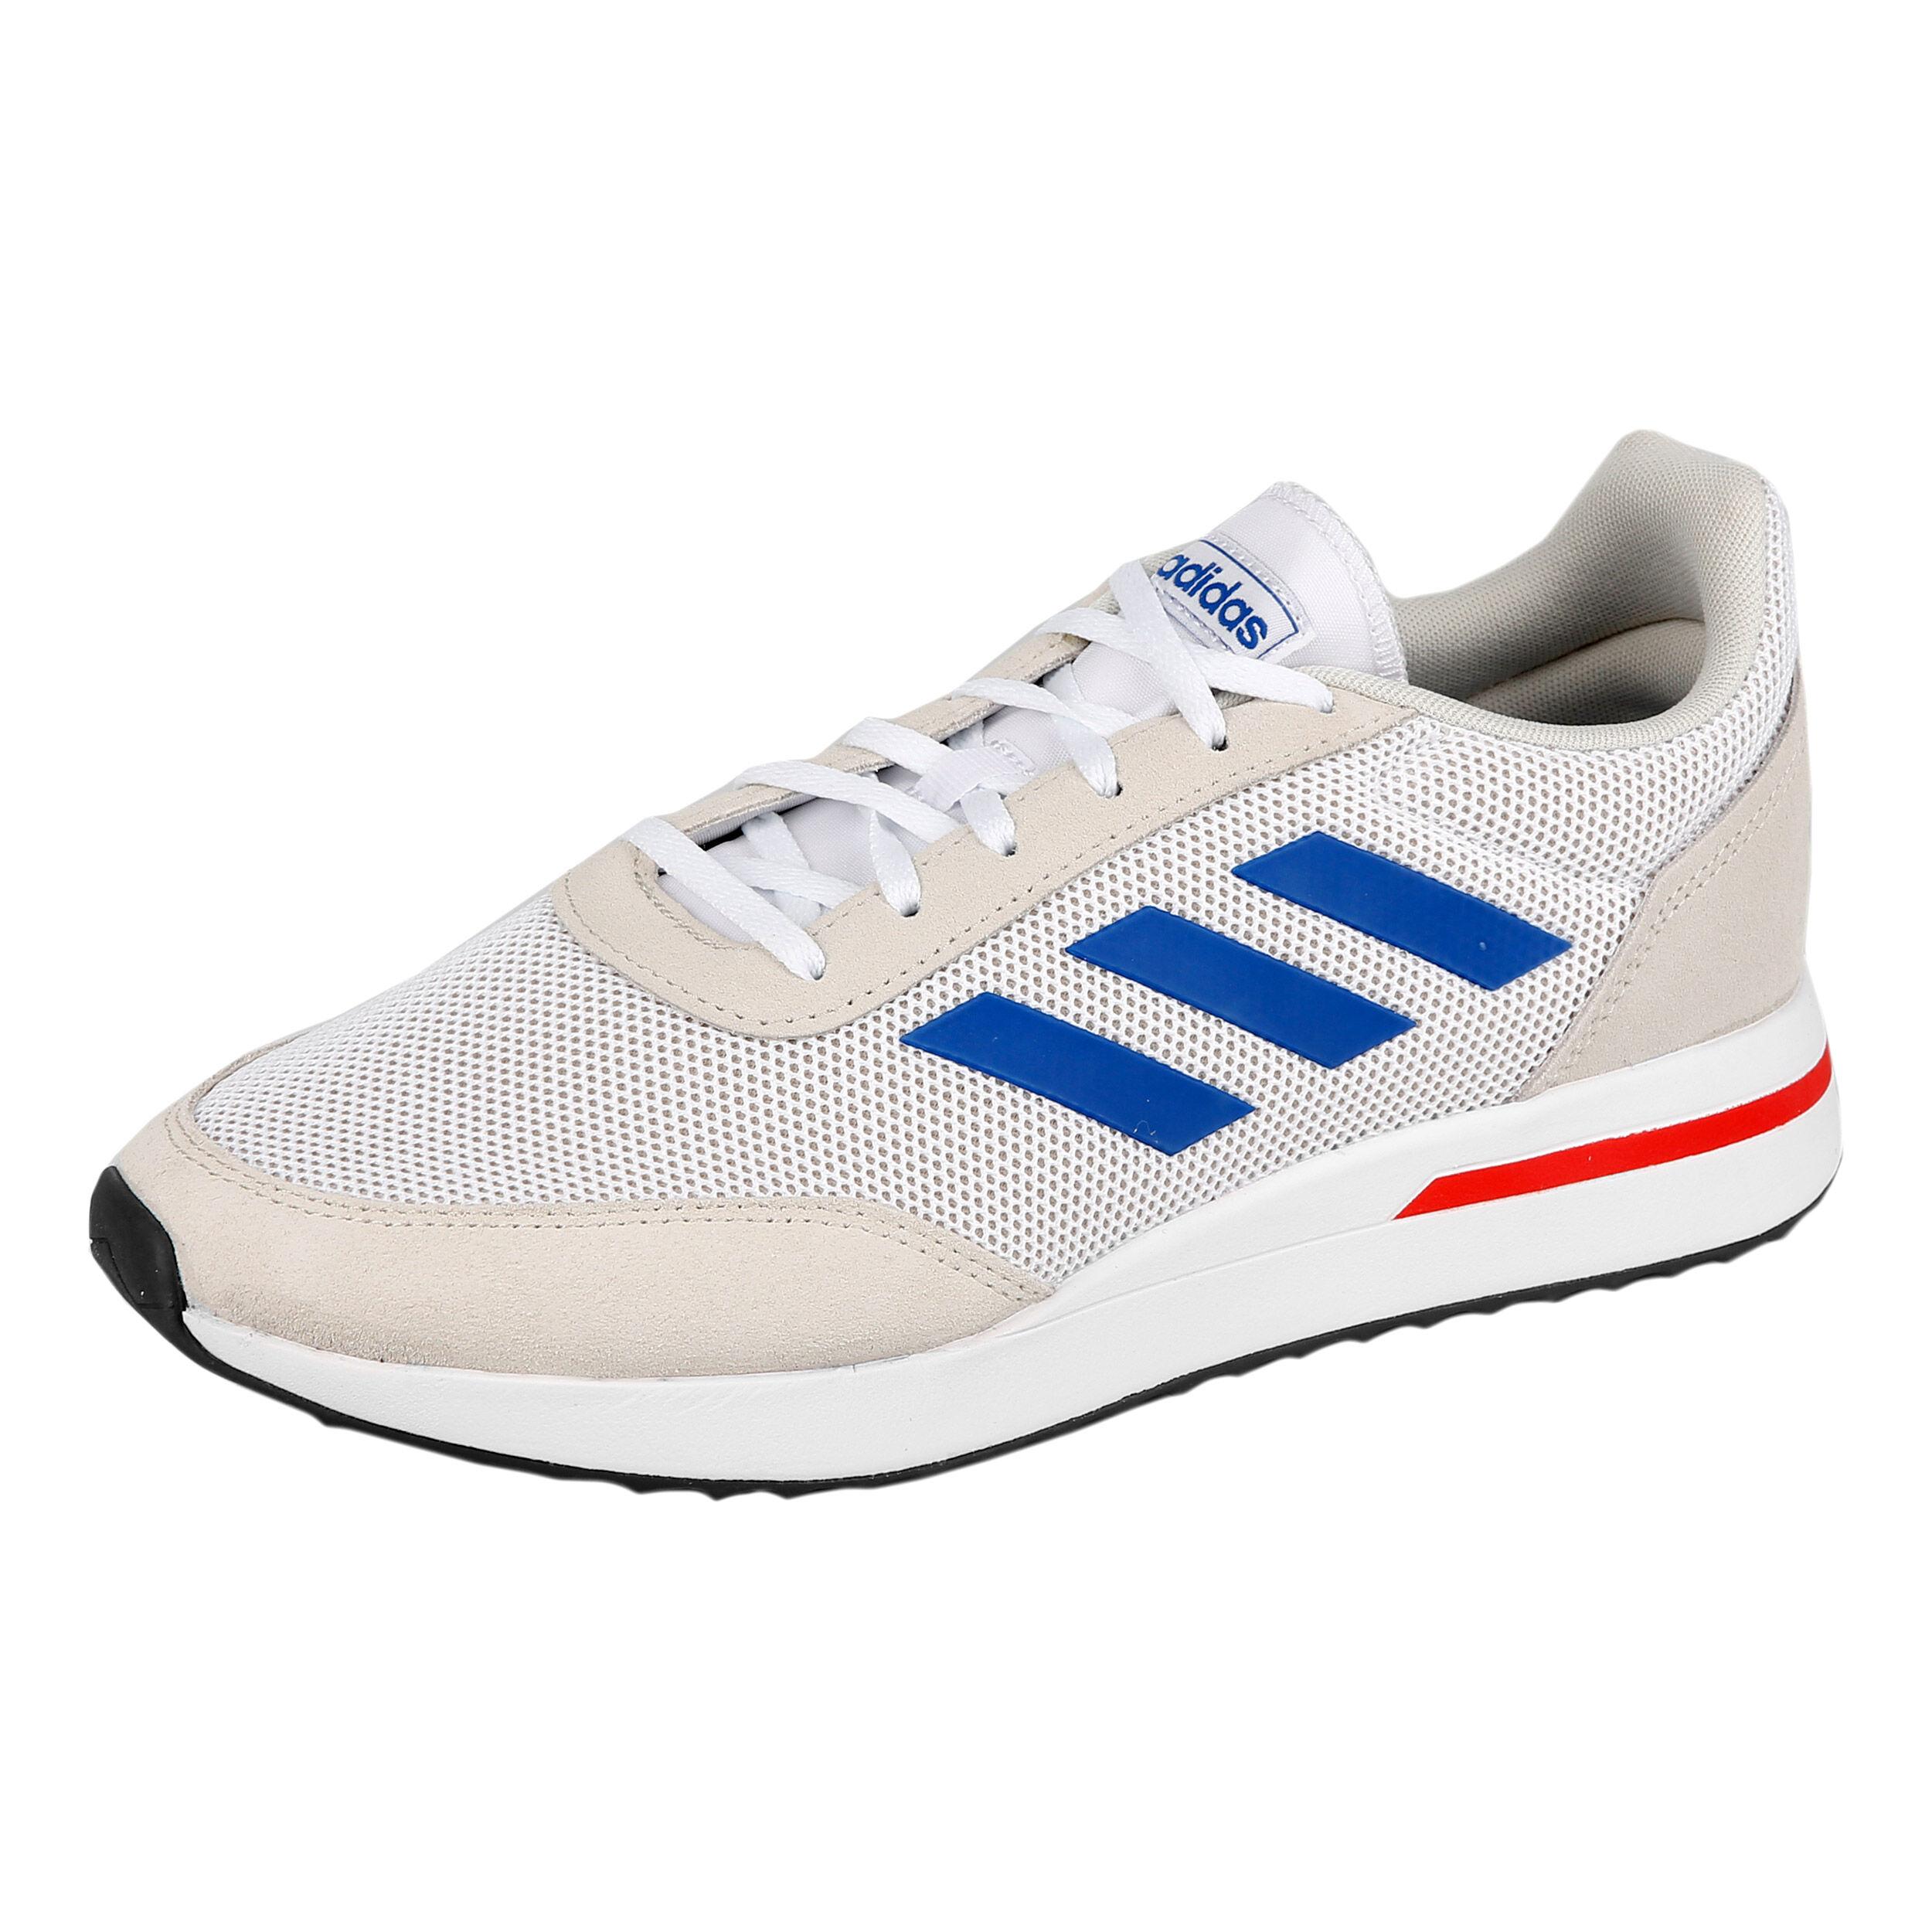 adidas Run70S Sneaker Herren Weiß, Blau online kaufen